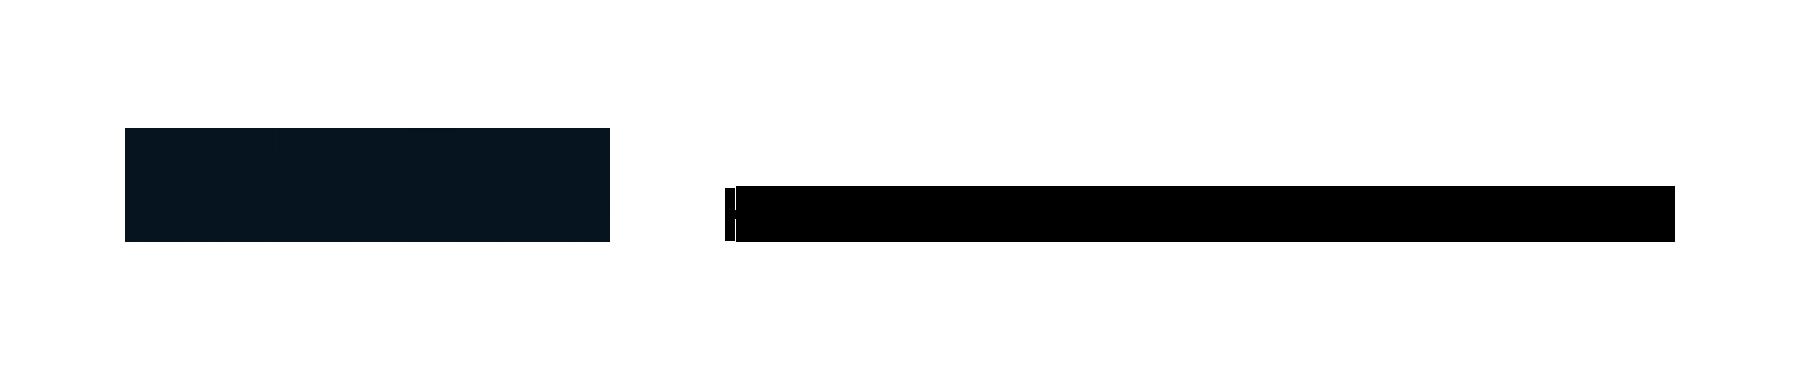 Kia Store Anniston - Oxford logo